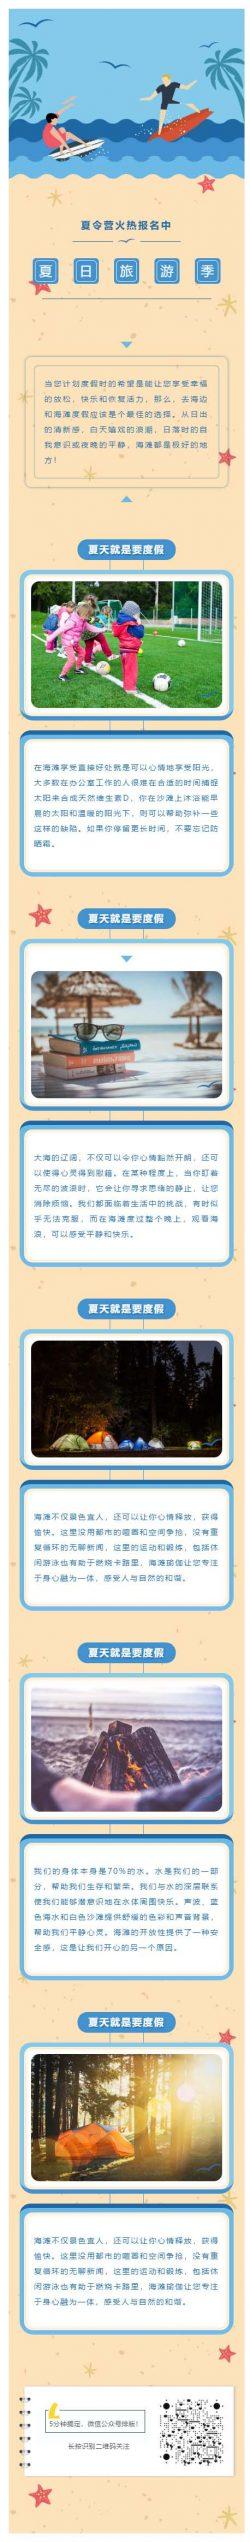 夏令营旅游大海蓝天教育学校风格模板微信推送图文素材